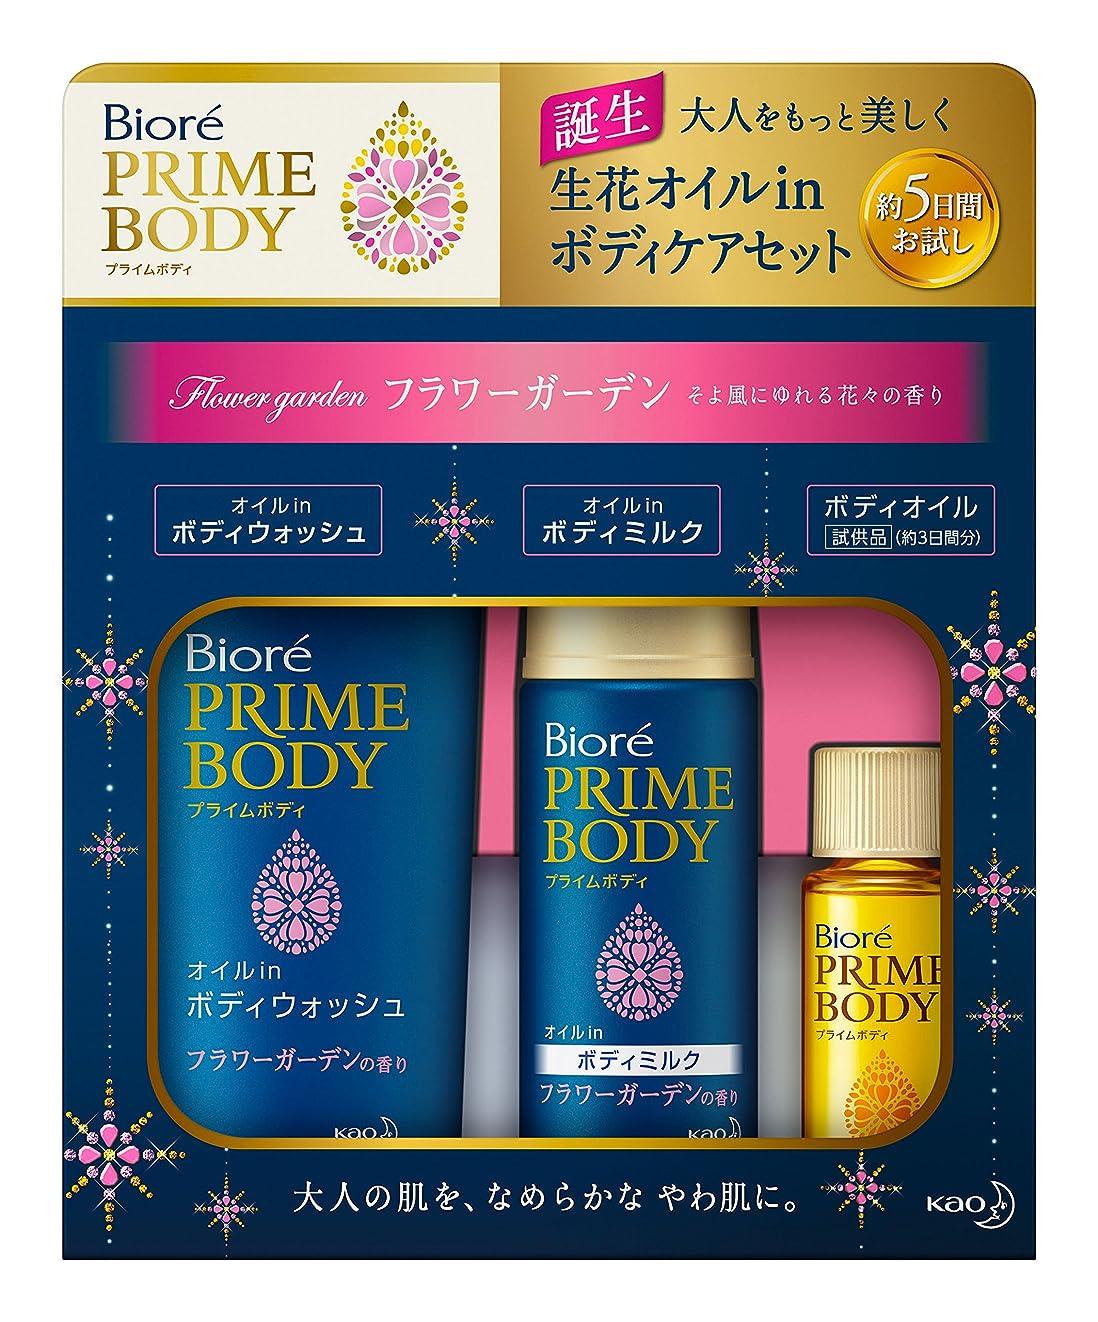 集まるバスルーム役員ビオレ プライムボディ 5日間お試しセット フラワーガーデンの香り 83ml